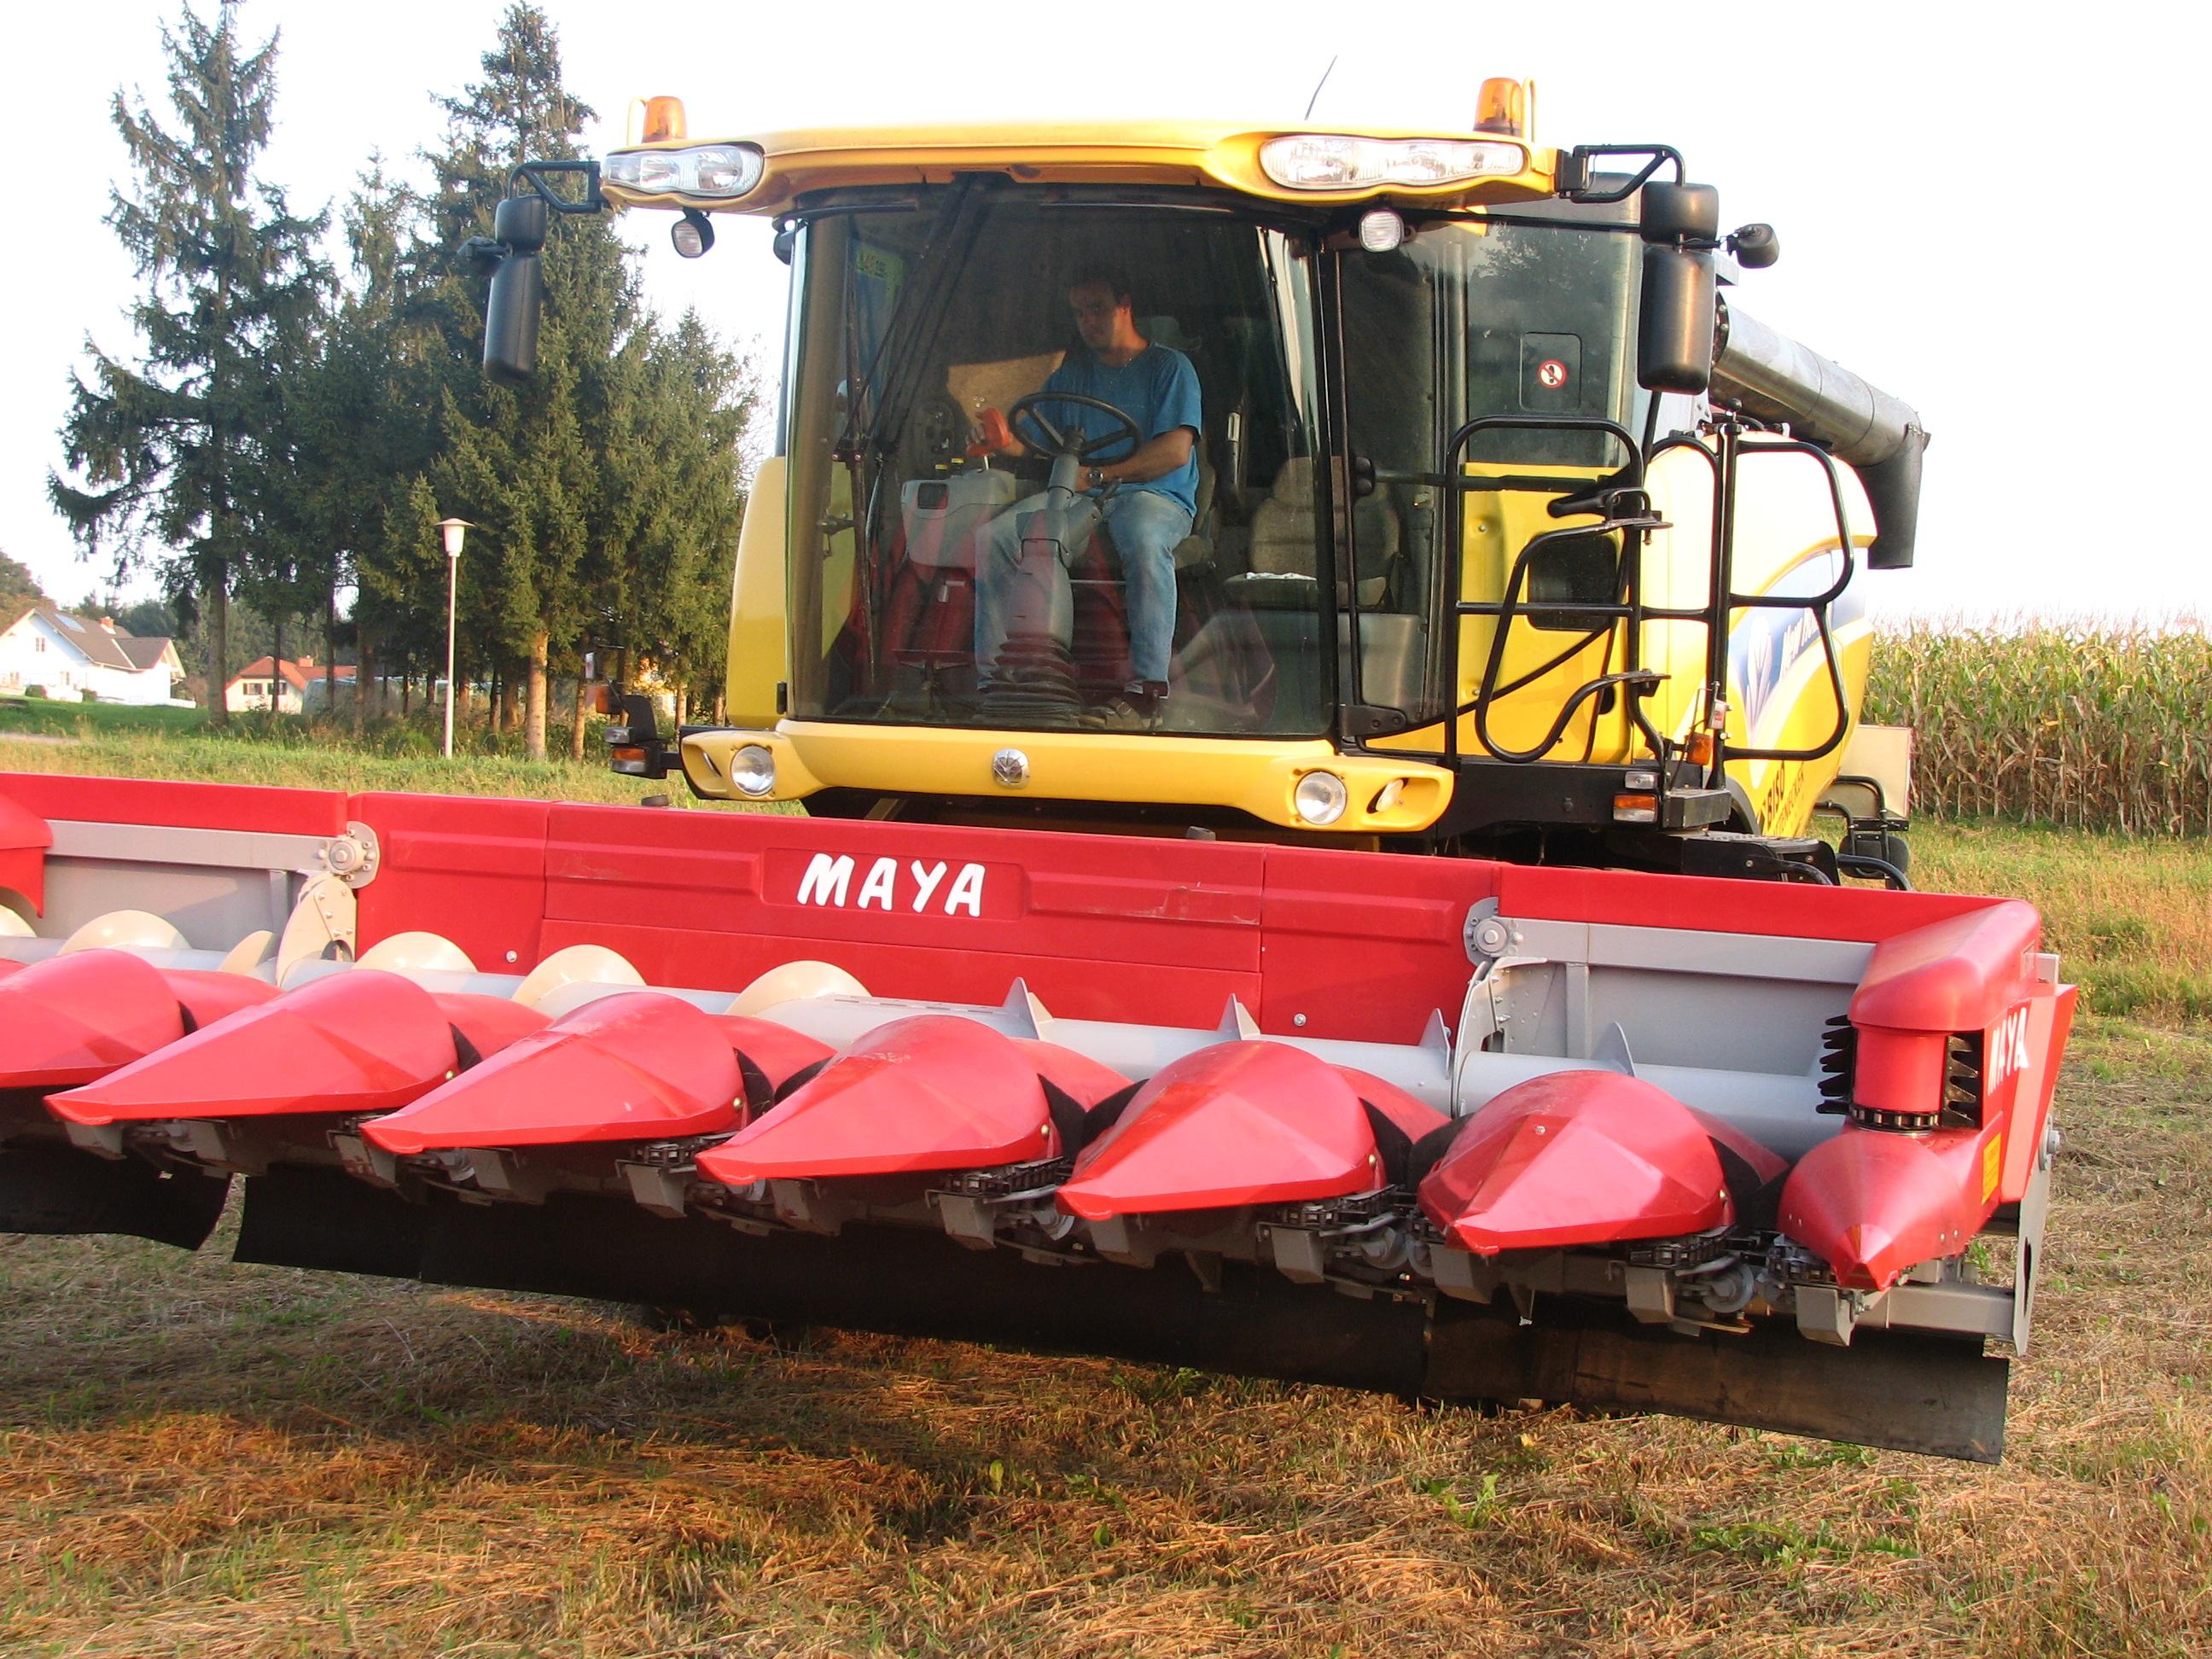 kleinanzeigen traktoren landwirtschaftl fahrzeuge seite 12. Black Bedroom Furniture Sets. Home Design Ideas